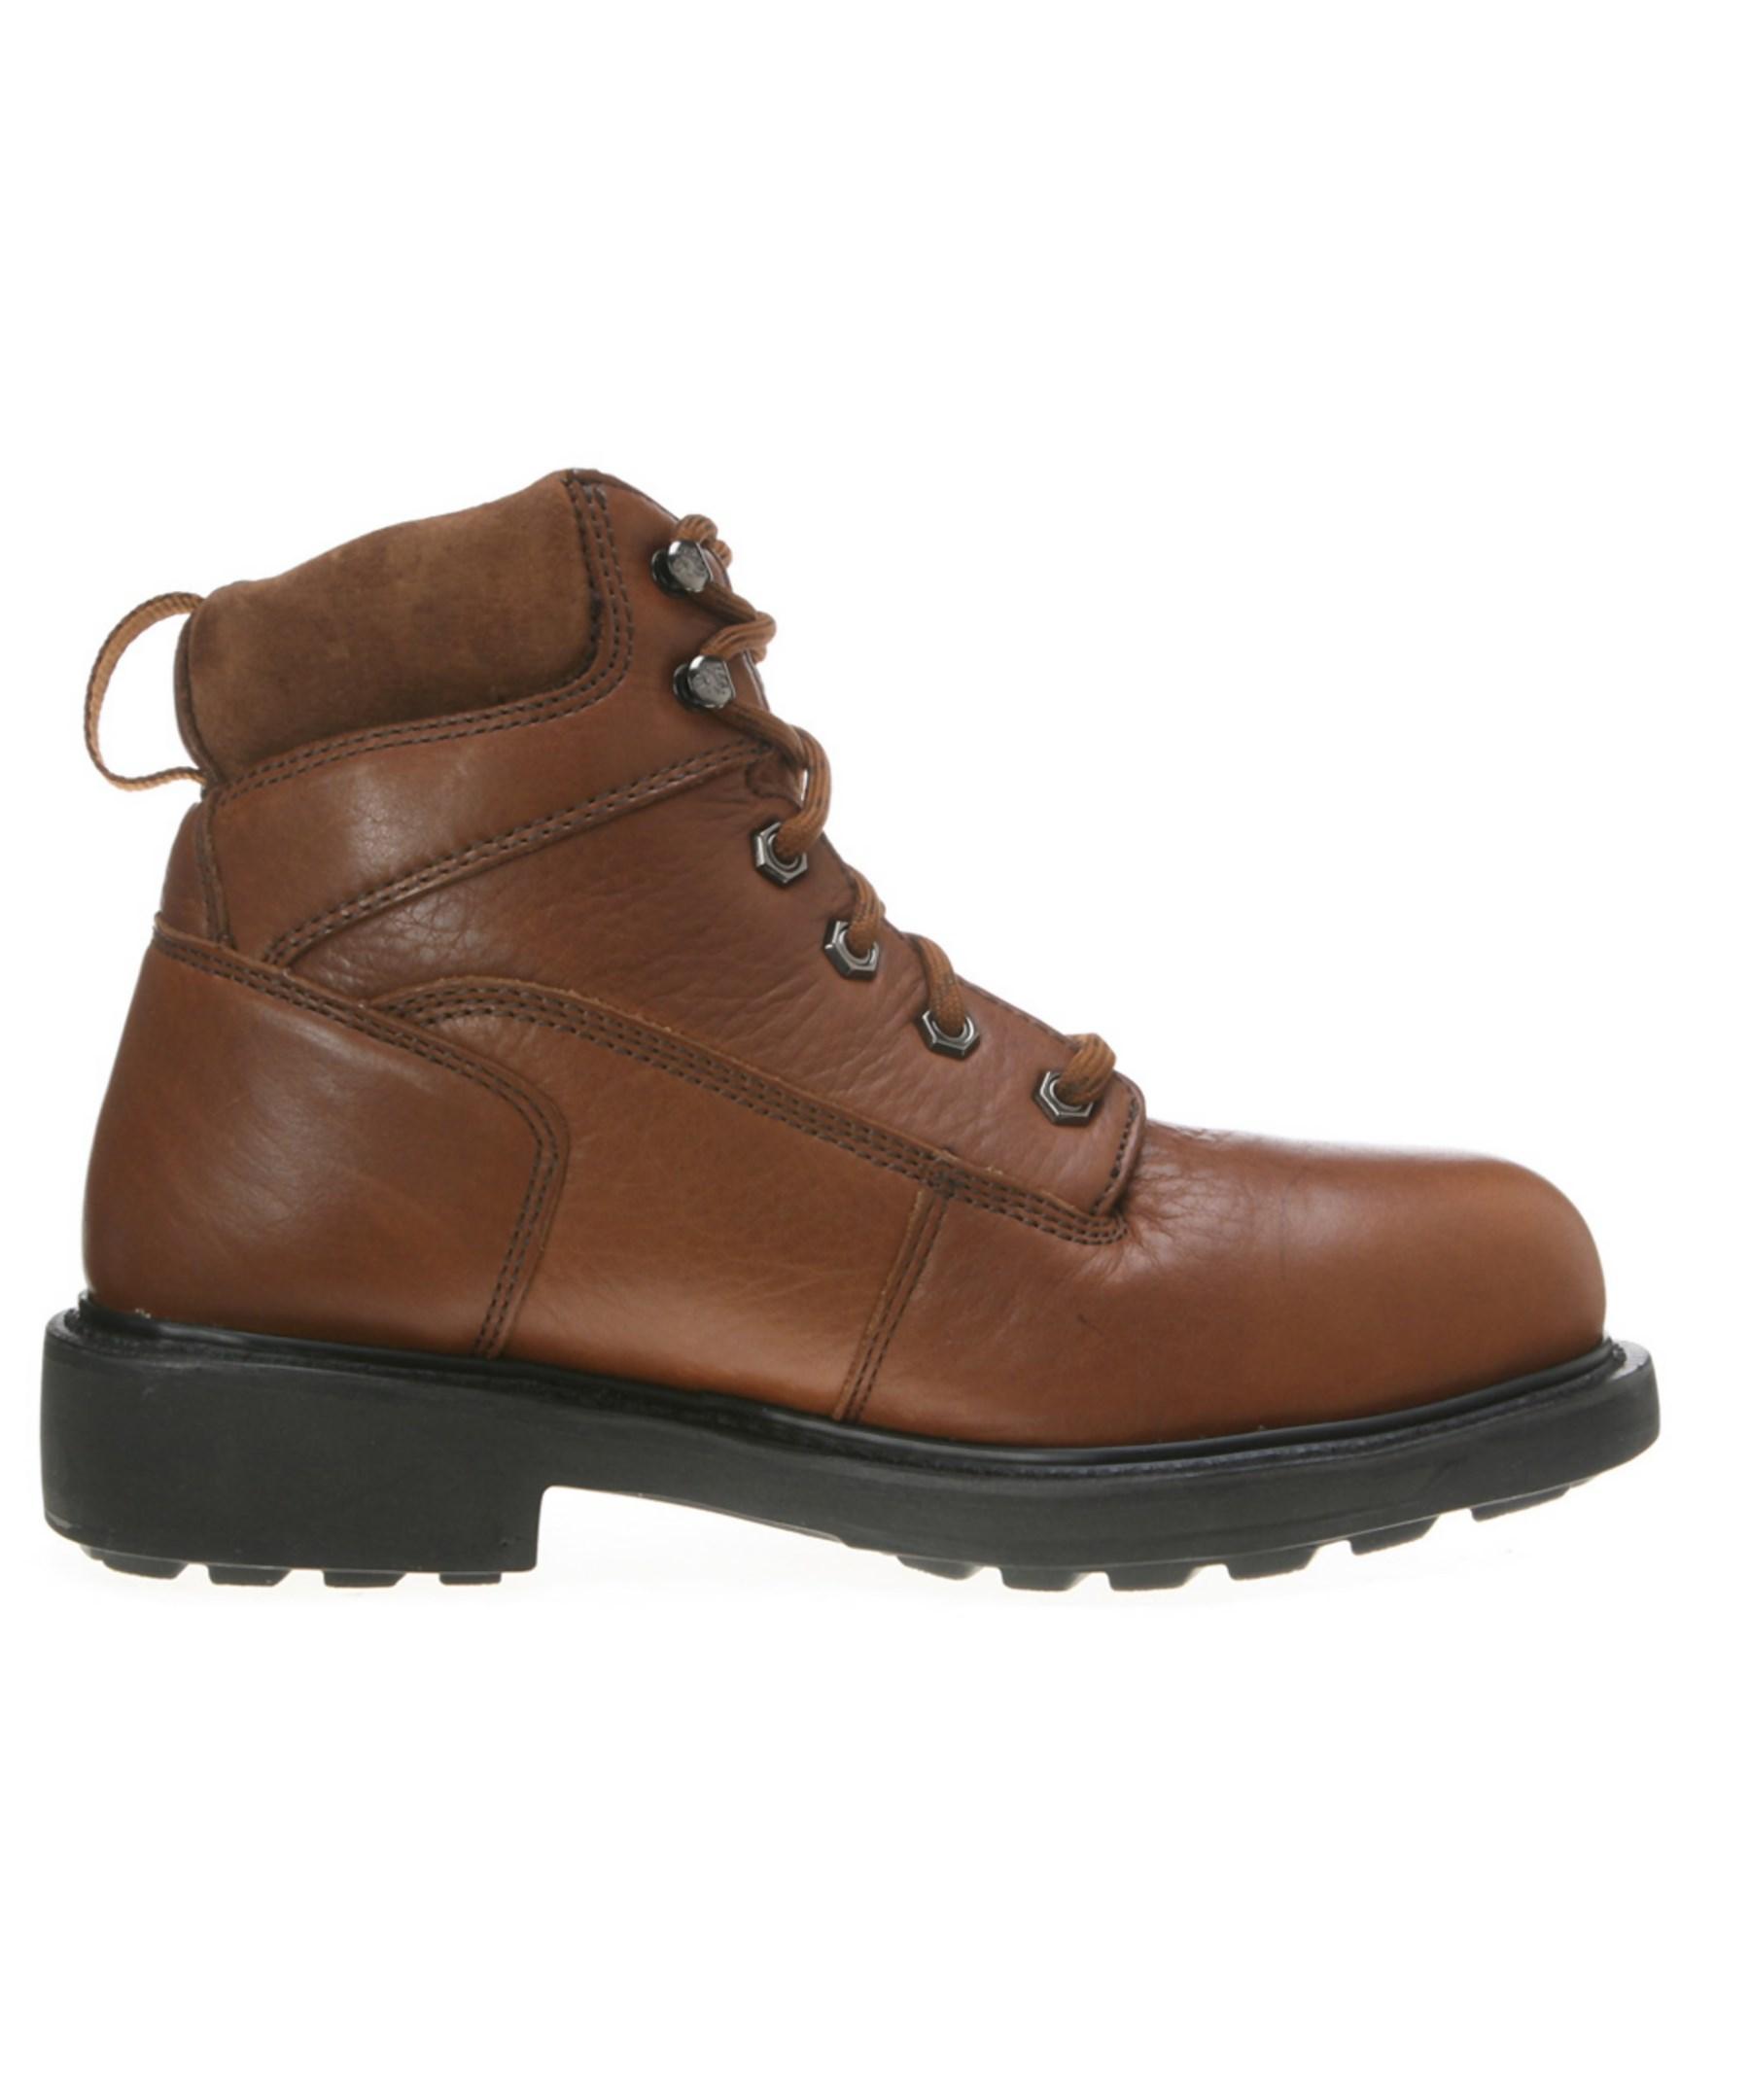 9e1fb9bdc03 Lyst - Wolverine Men's Durashocksâ® 6 Inch Boot Gtxâ® Sr Work Boots ...